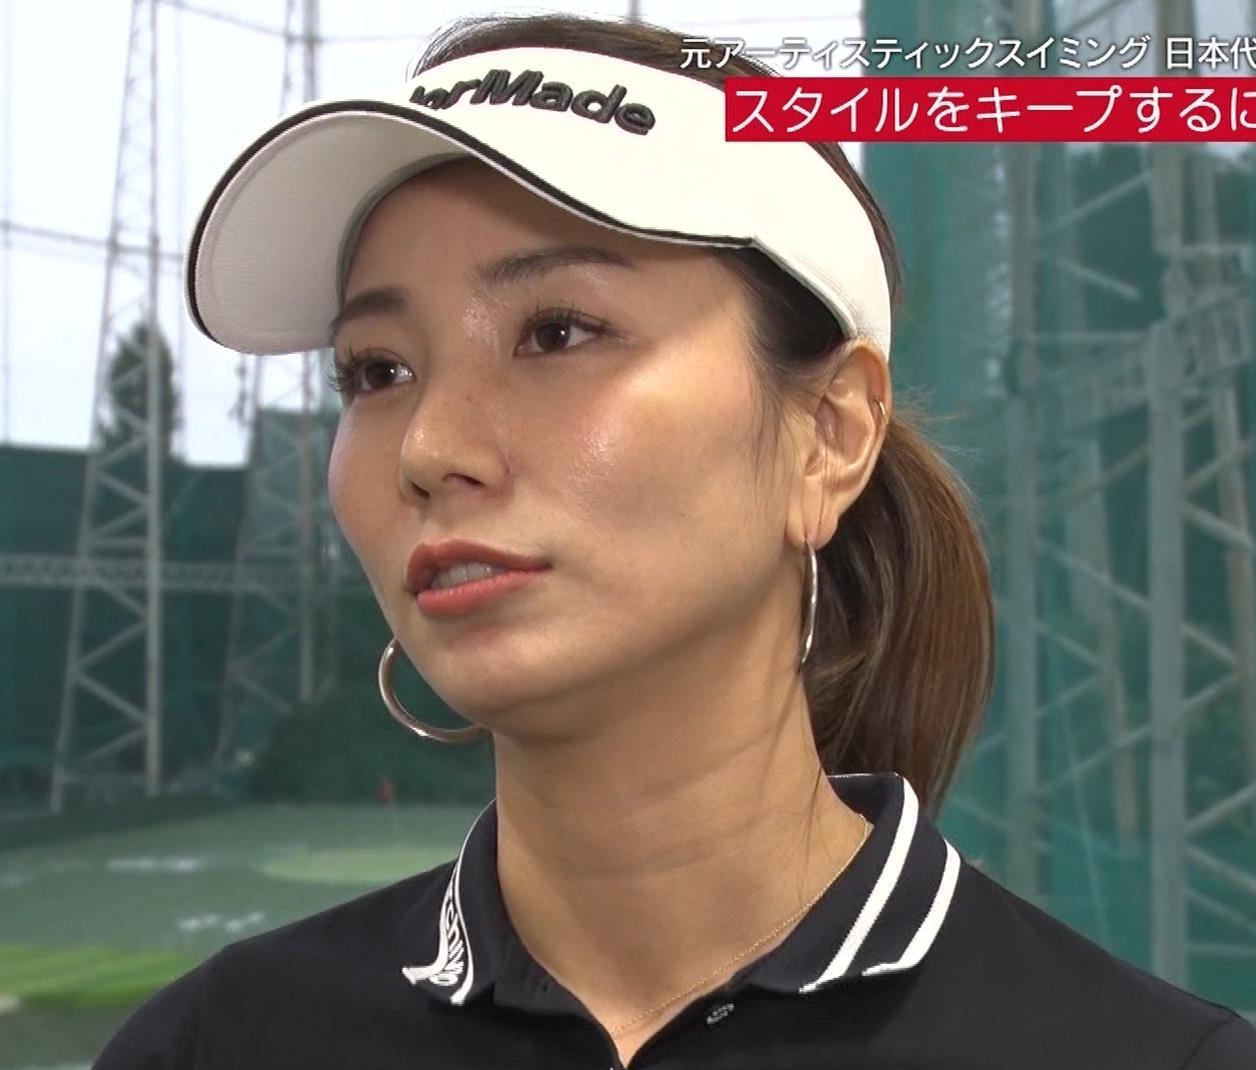 青木愛 すごく短いスカートでゴルフをするエロキャプ・エロ画像19